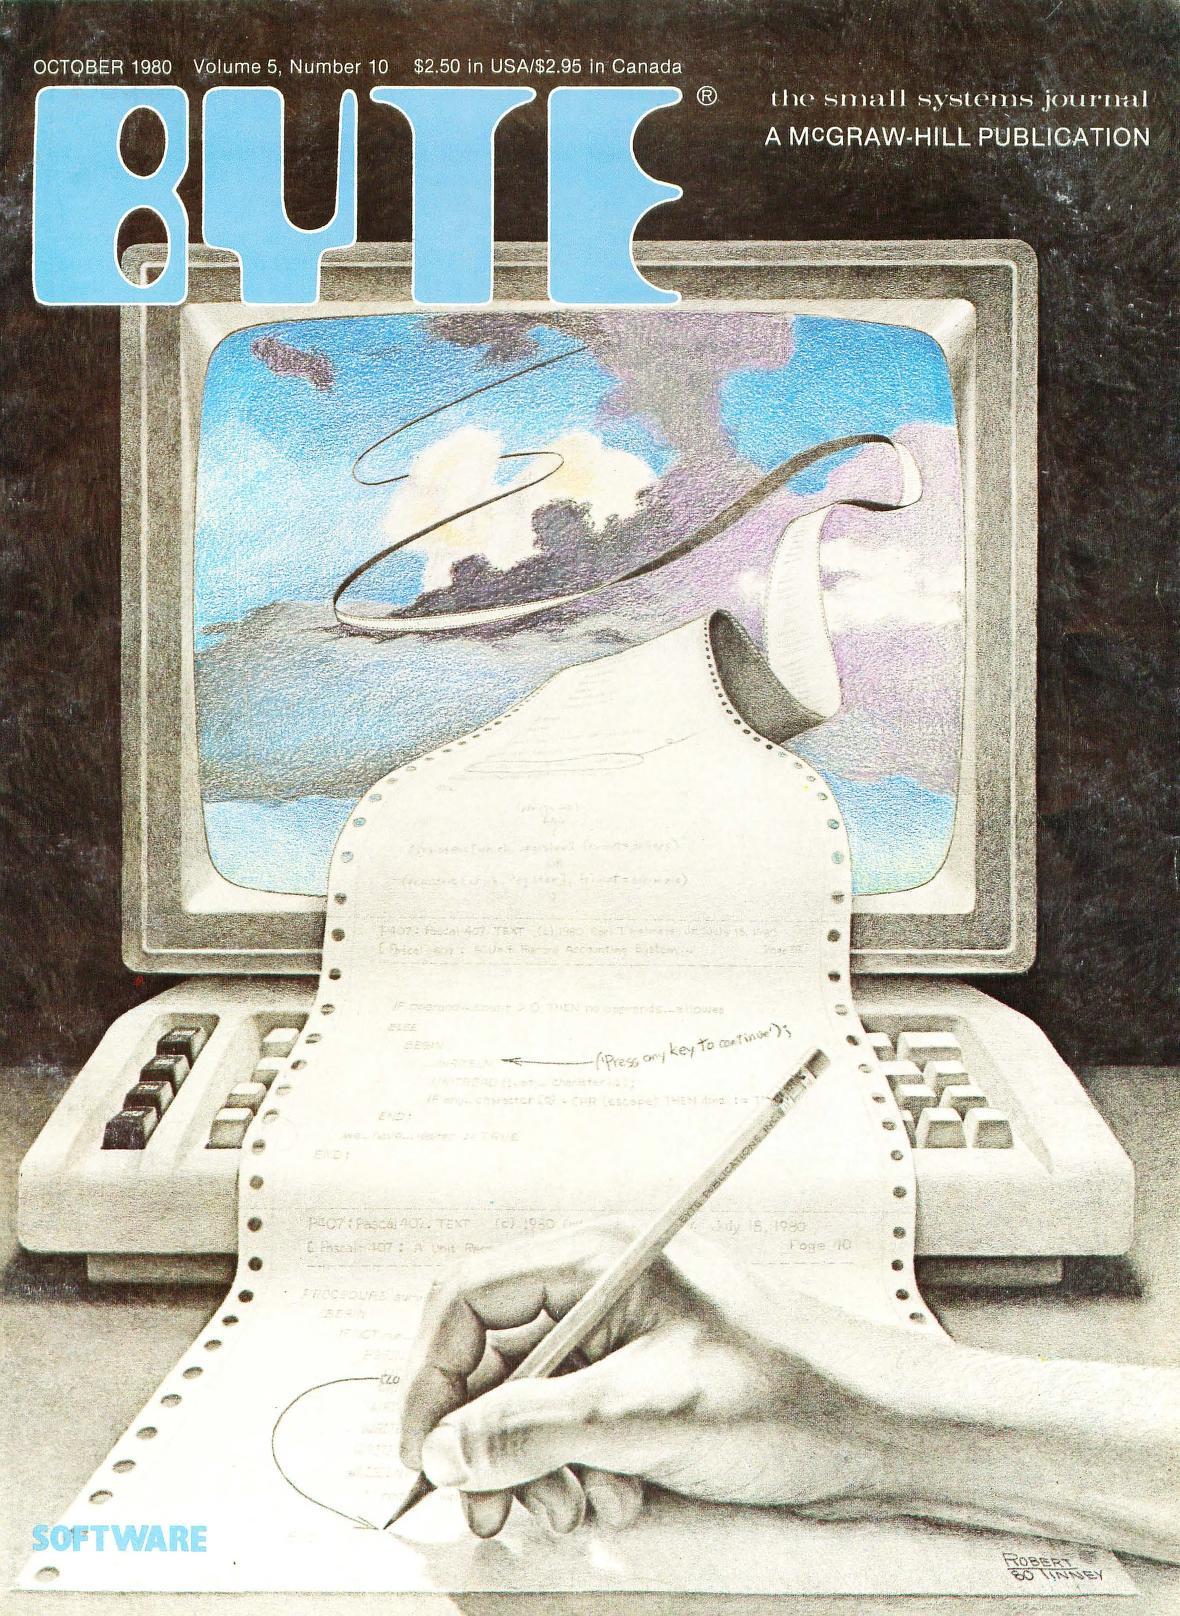 Oktober 1980. Tegnet av Robert Tinney. Her er temaet programmering, og coveret representerer hvordan man printet ut og debugget kode manuelt.